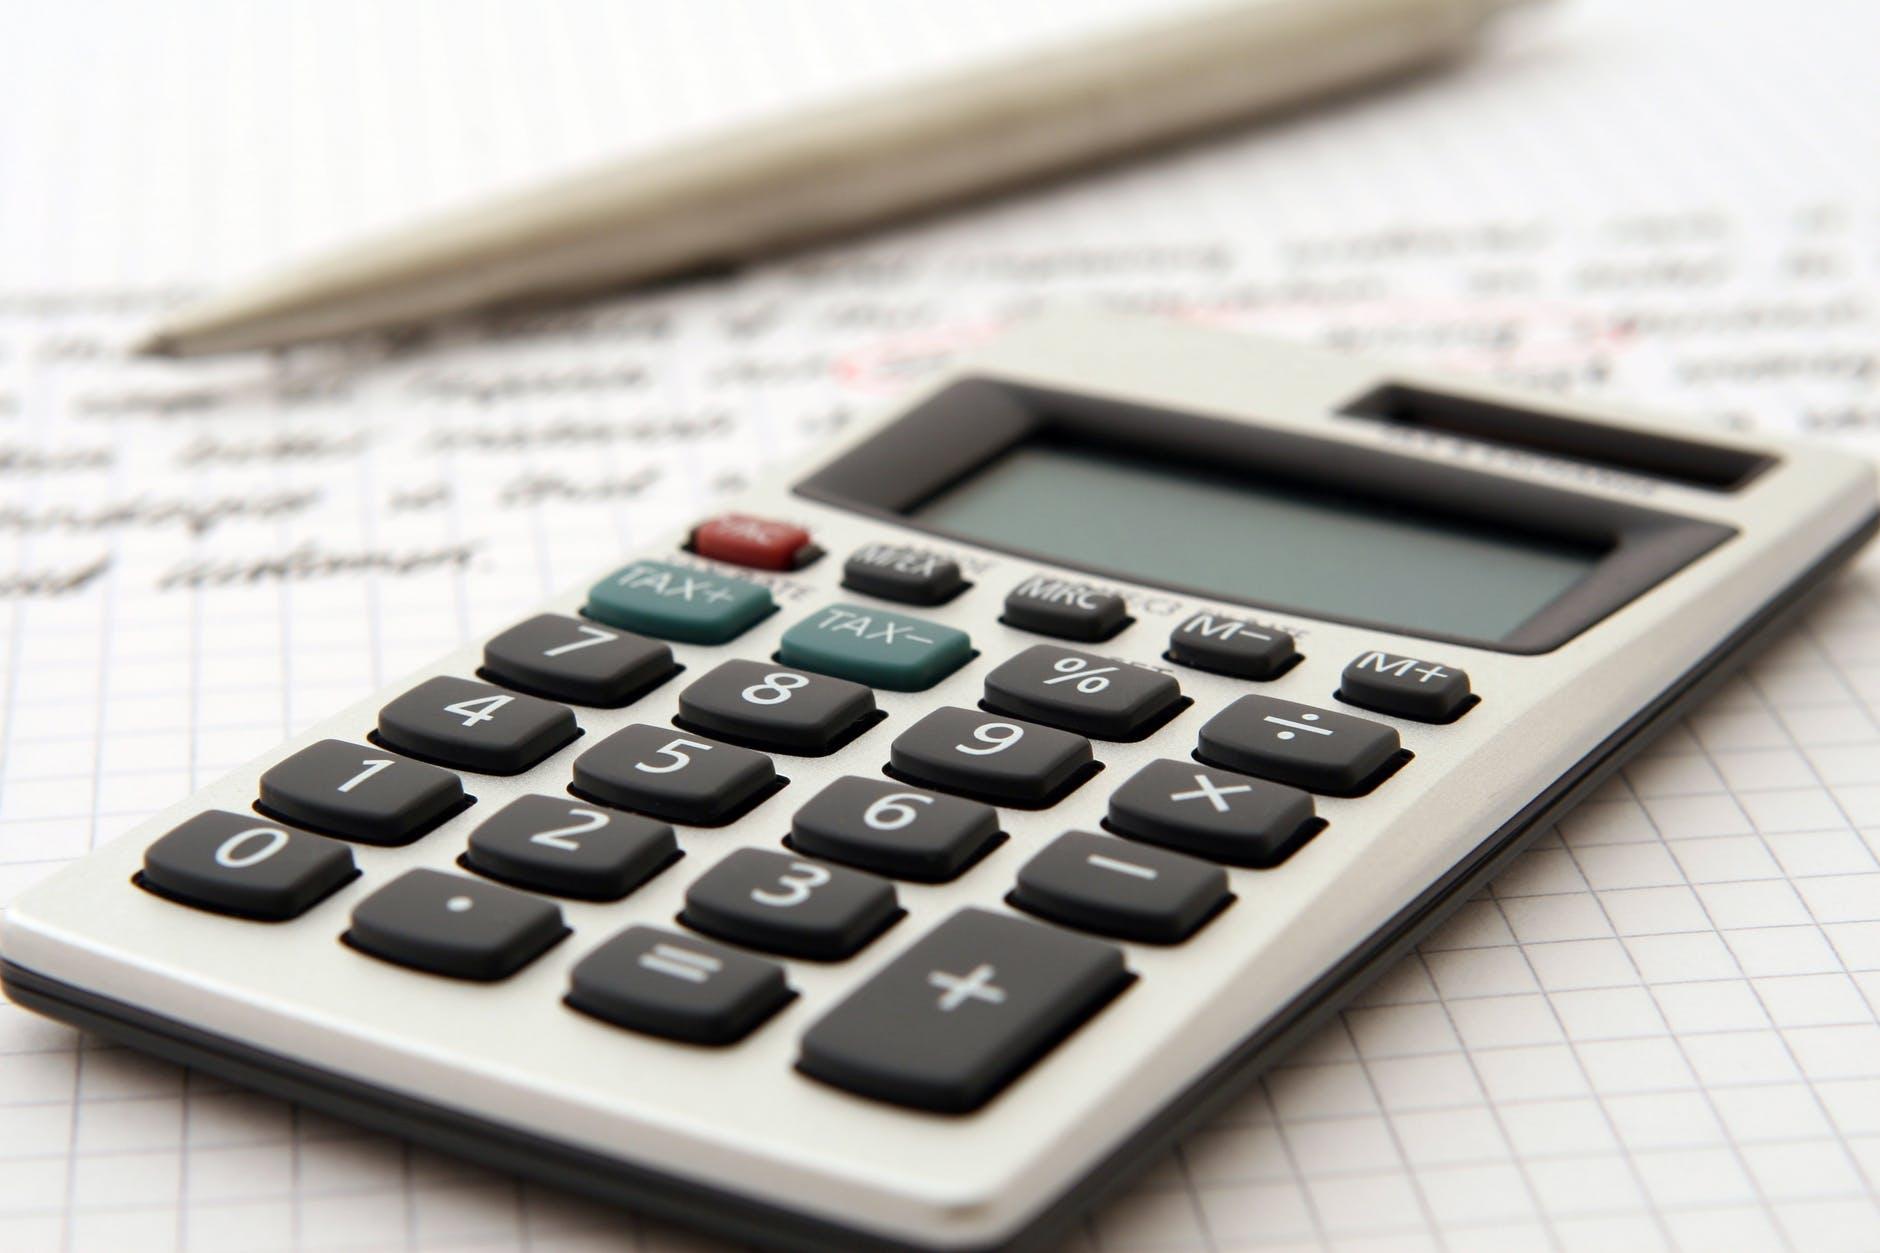 Memahami Bukti Transaksi Pembayaran dan Jenis-Jenisnya